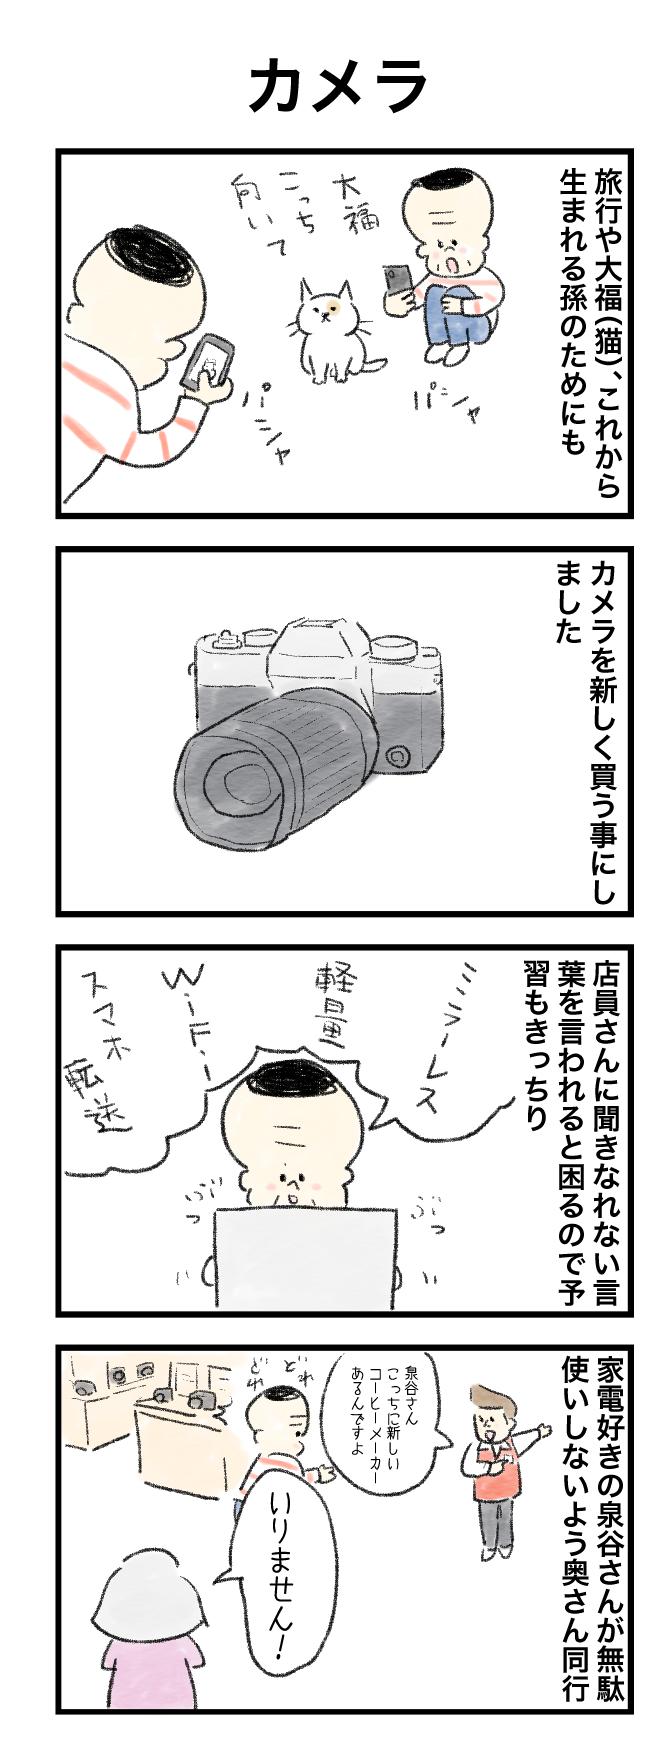 今日の泉谷さん【52】 作:カワサキヒロシ「カメラ」